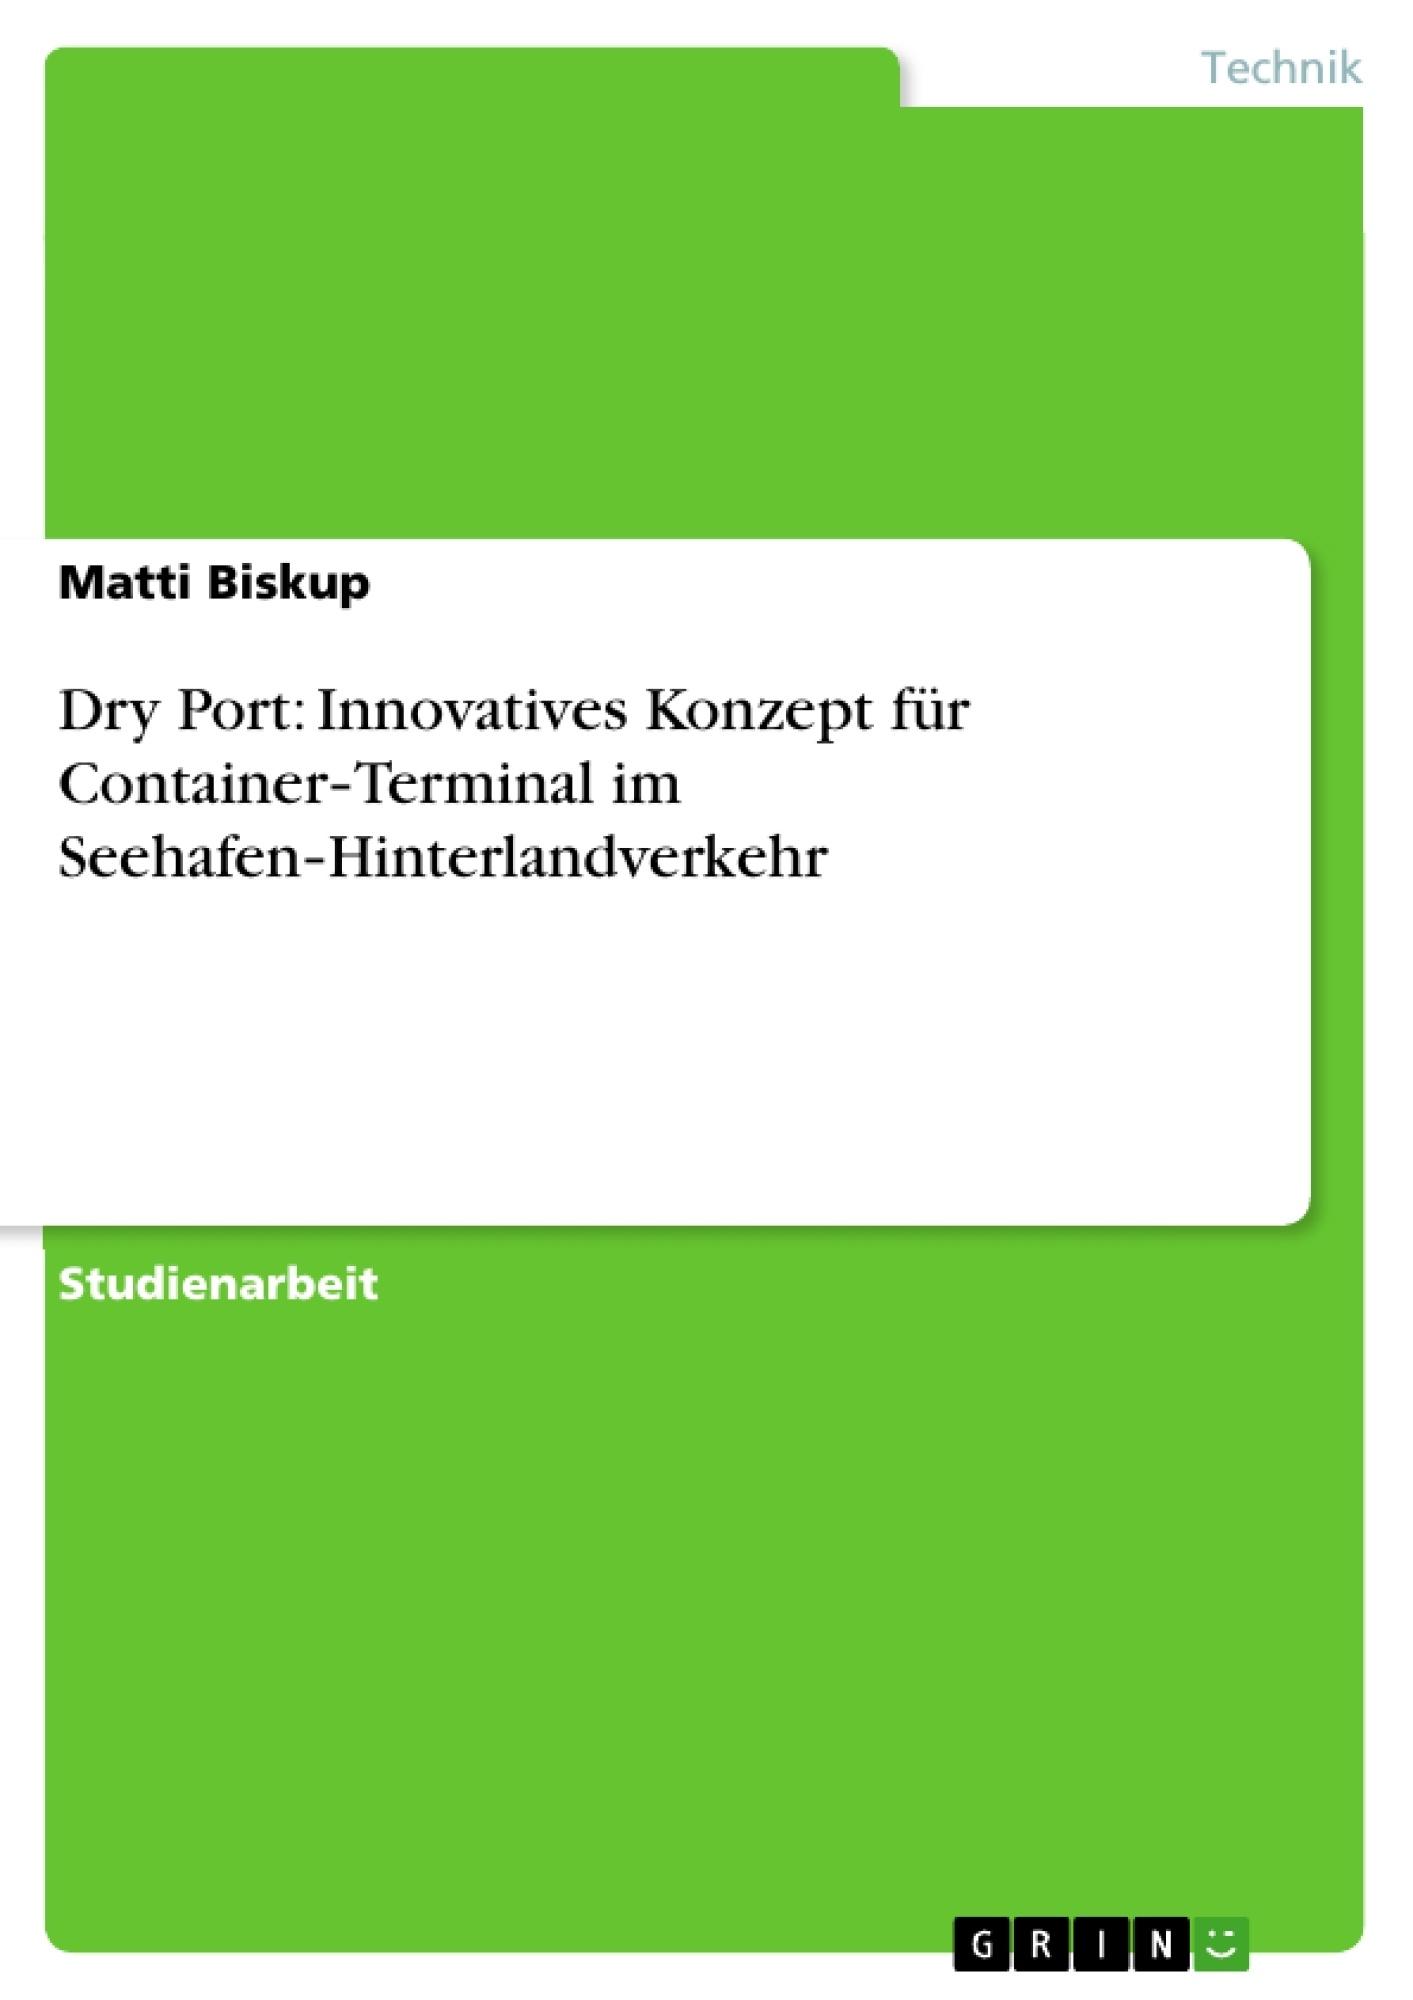 Titel: Dry Port: Innovatives Konzept für Container‐Terminal im Seehafen‐Hinterlandverkehr